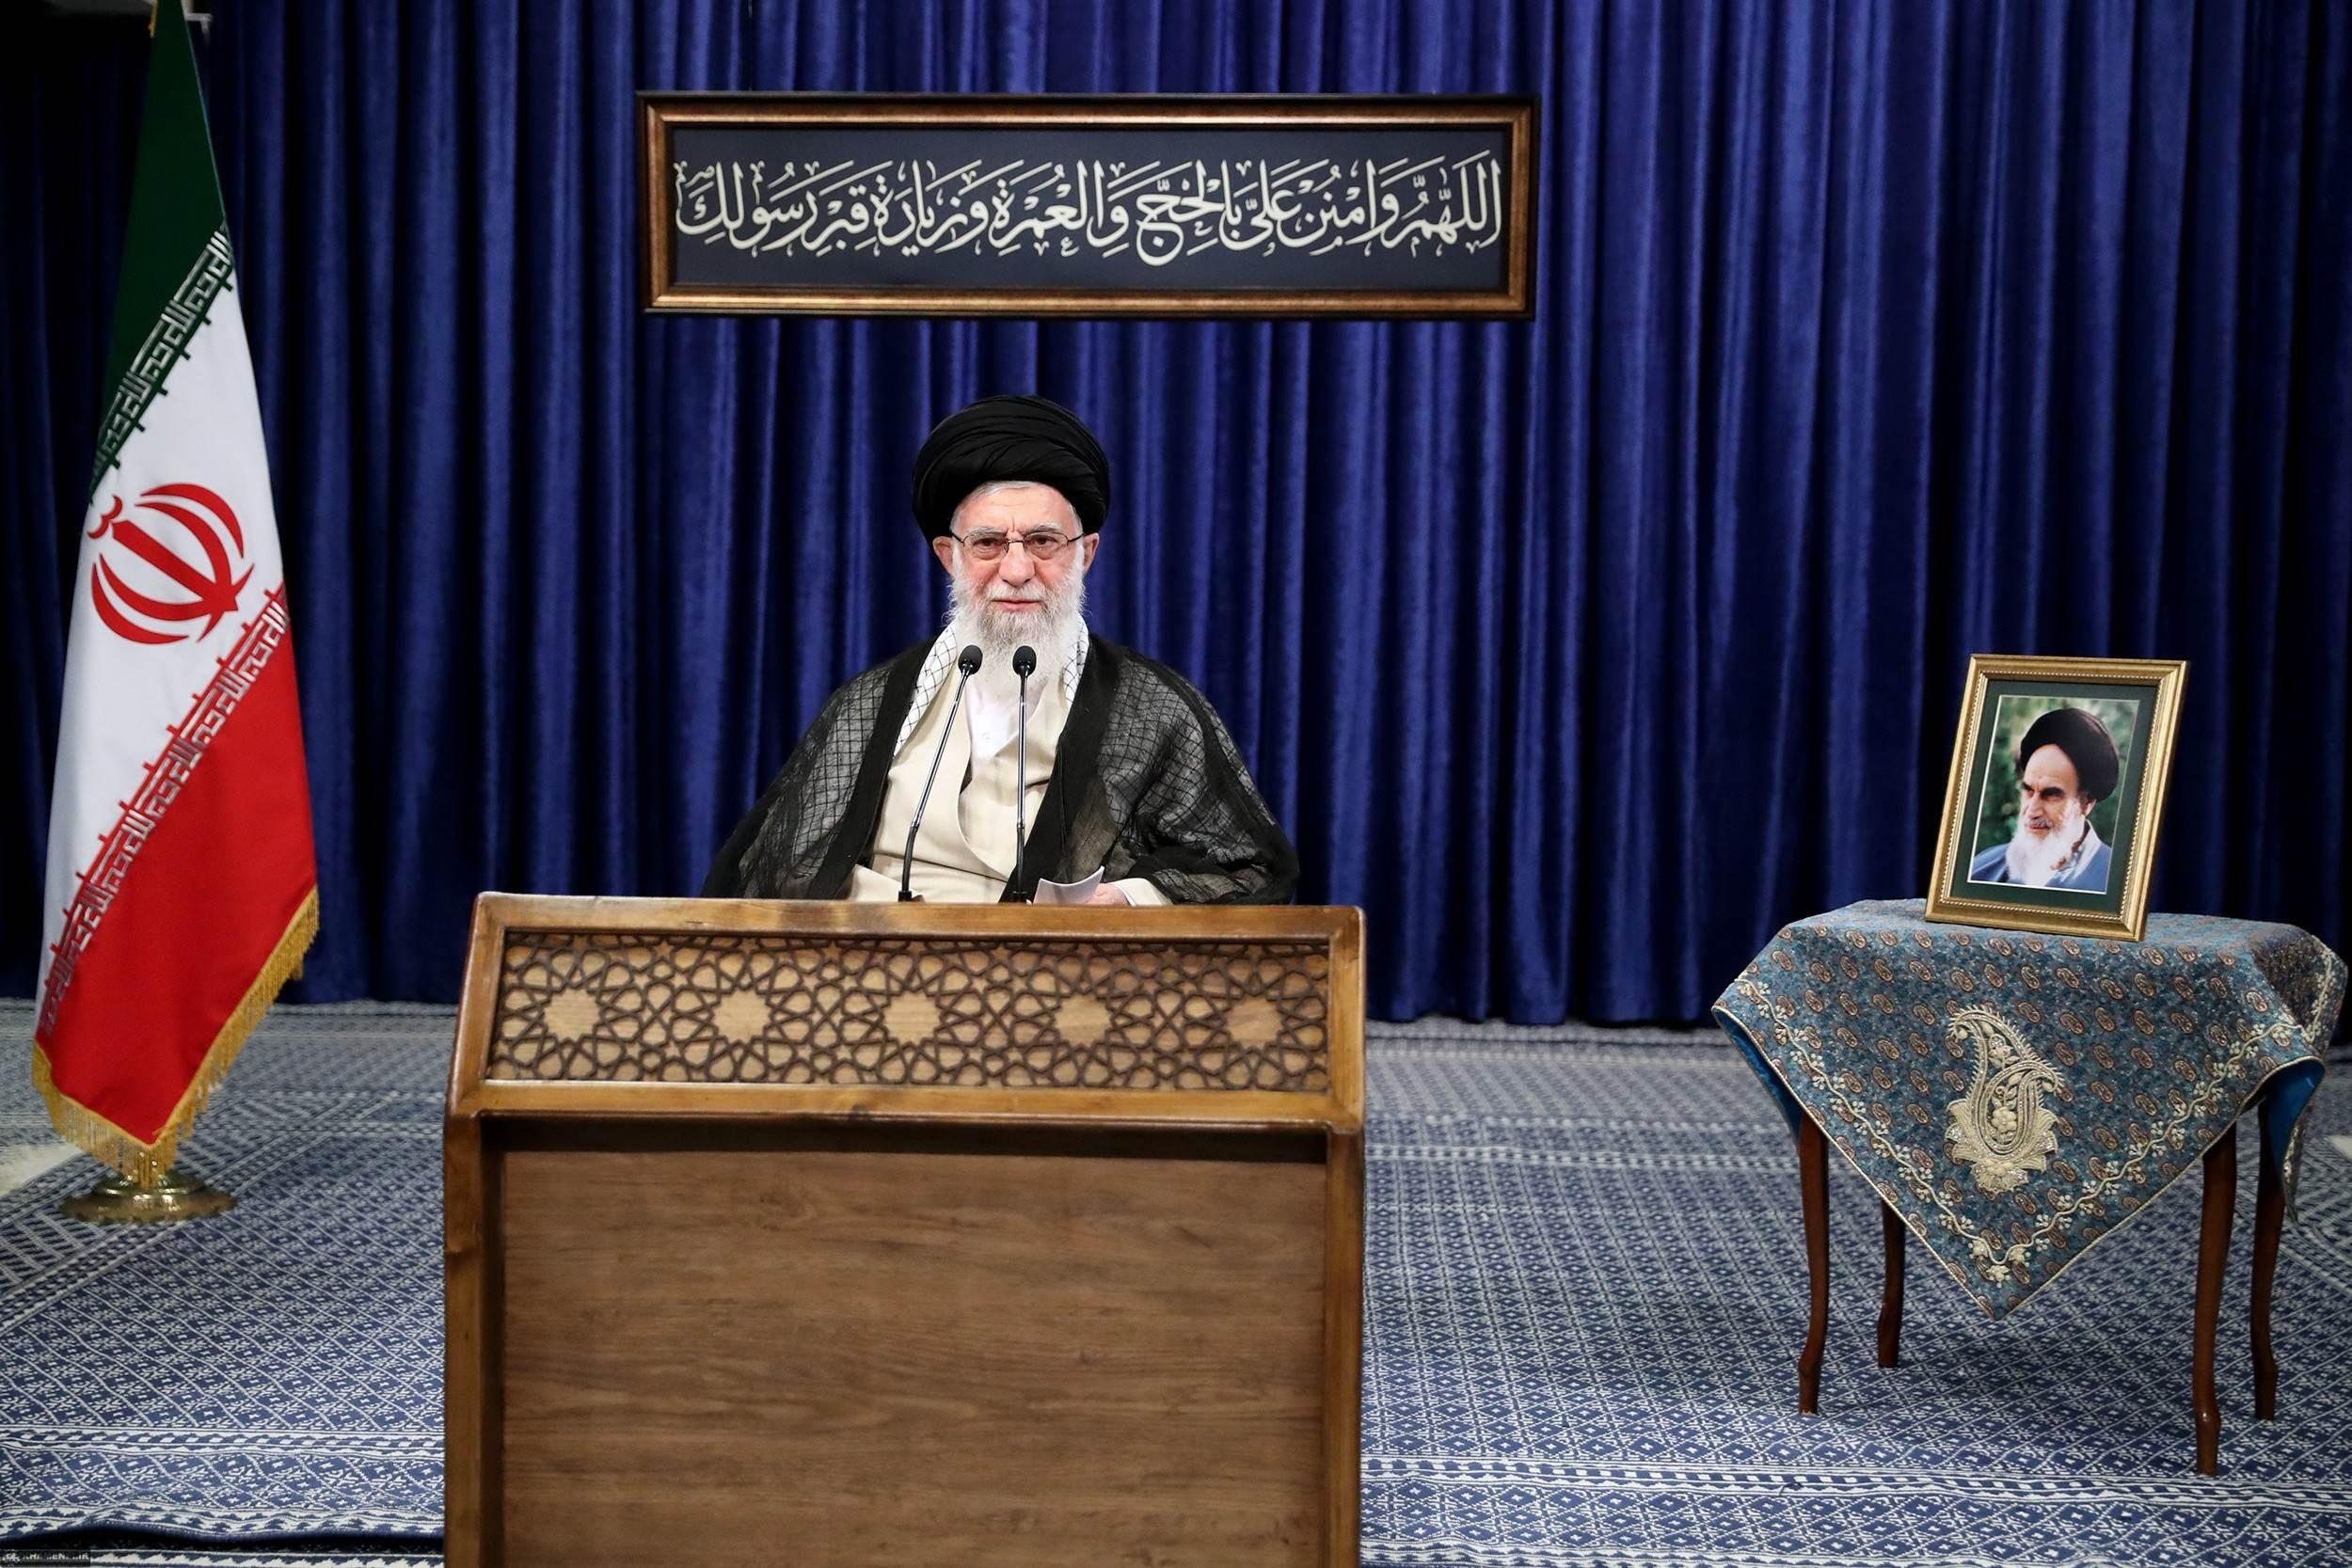 كلمة المرشد الإيراني السيد علي خامنئي بمناسبة عيد الأضحى المبارك